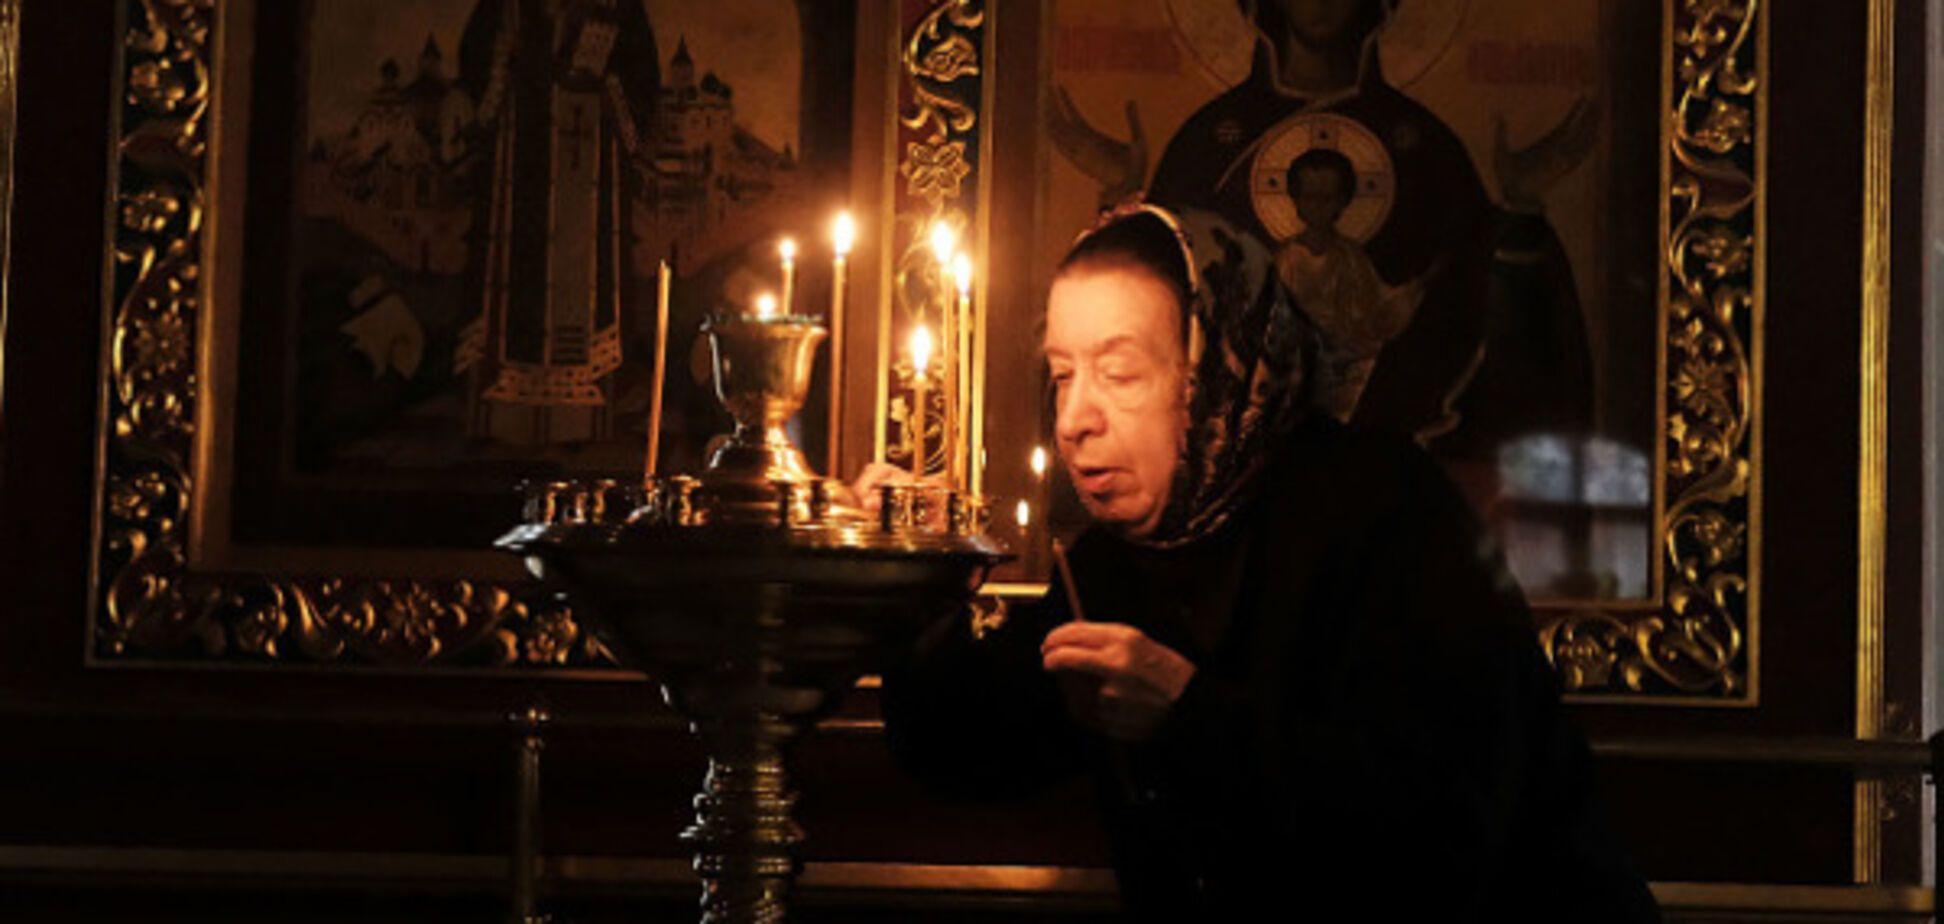 Сервильный холуяж российского православия